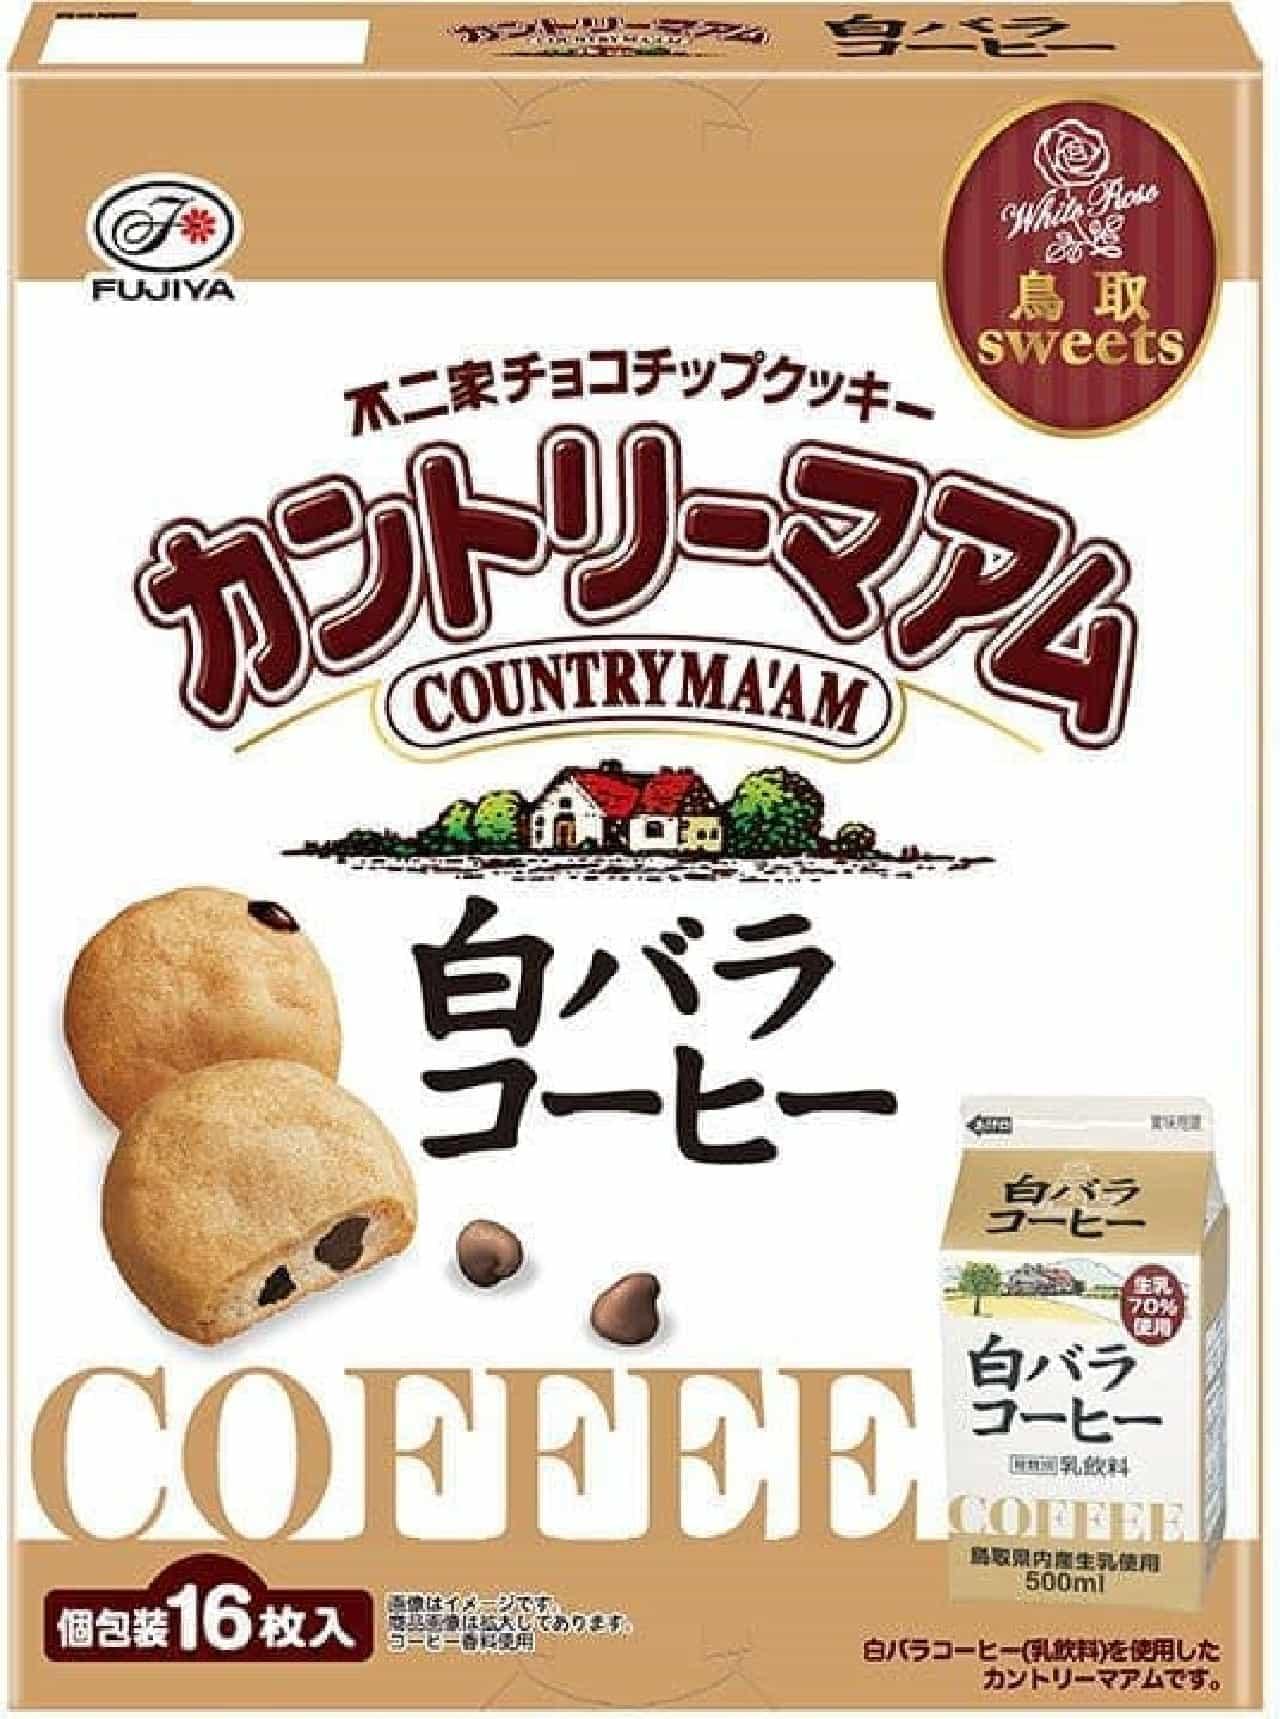 カントリーマアム(白バラコーヒー)